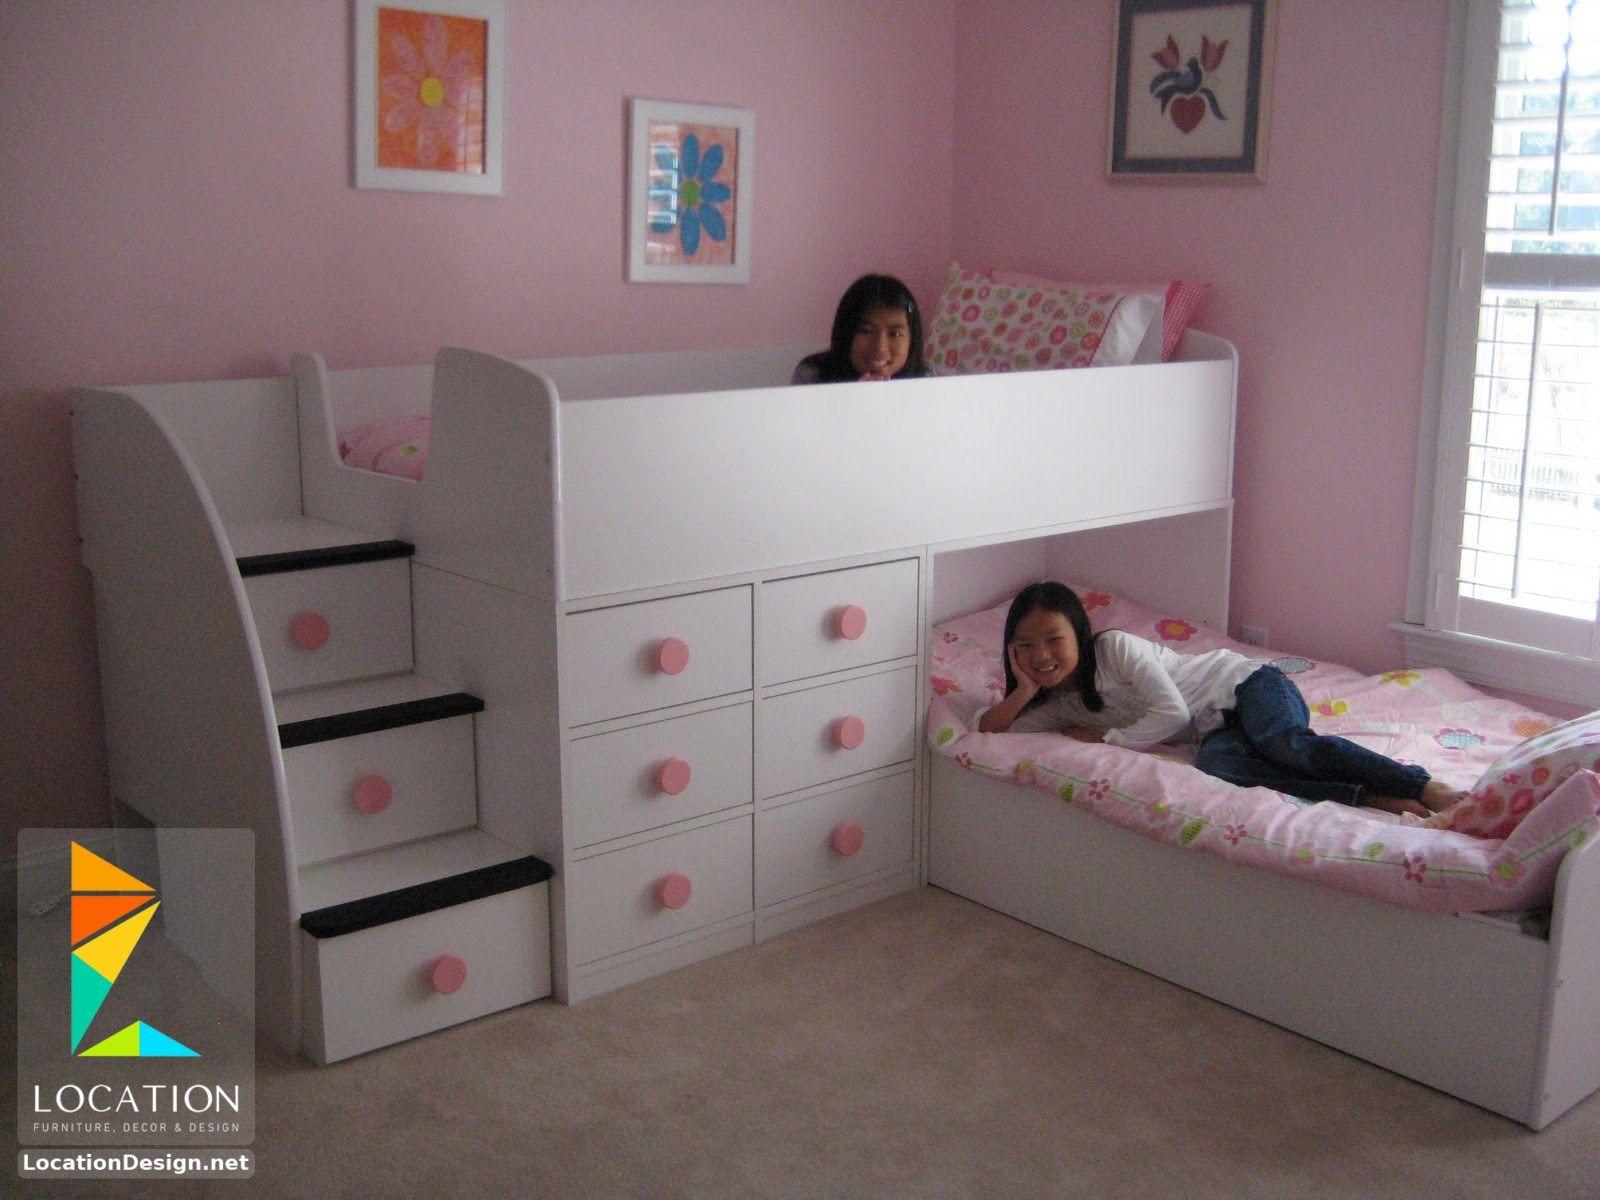 نتيجة بحث الصور عن غرف نوم اطفال Bed Furniture Design Room Design Bedroom Childrens Bedrooms Design